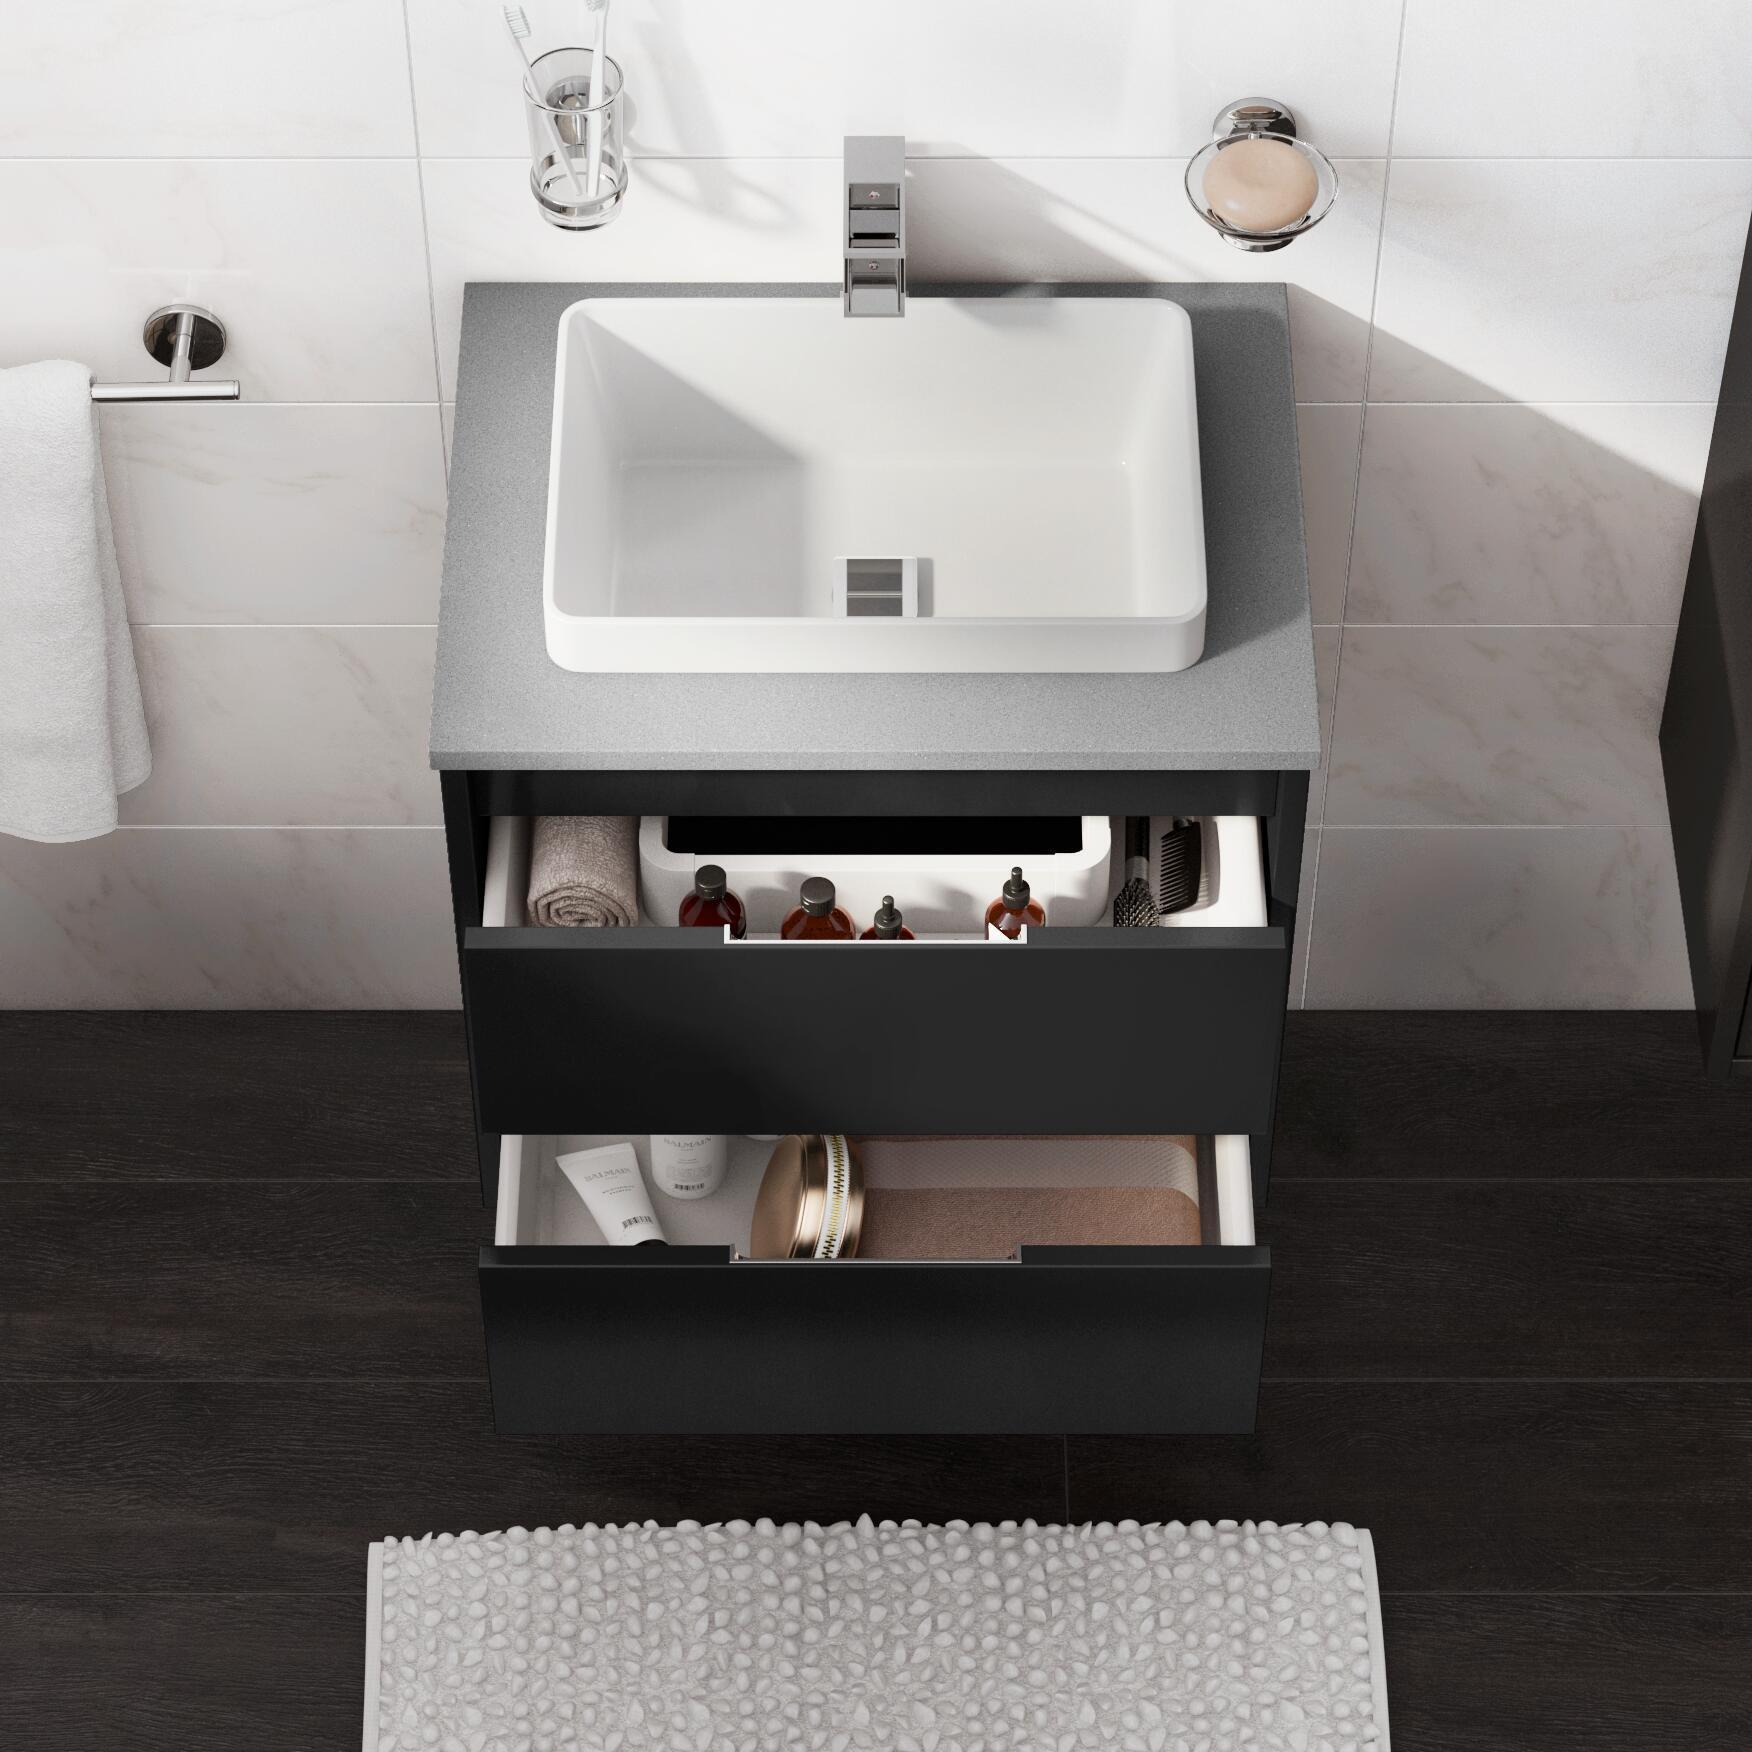 Mobile bagno Loto grigio L 60 cm - 3